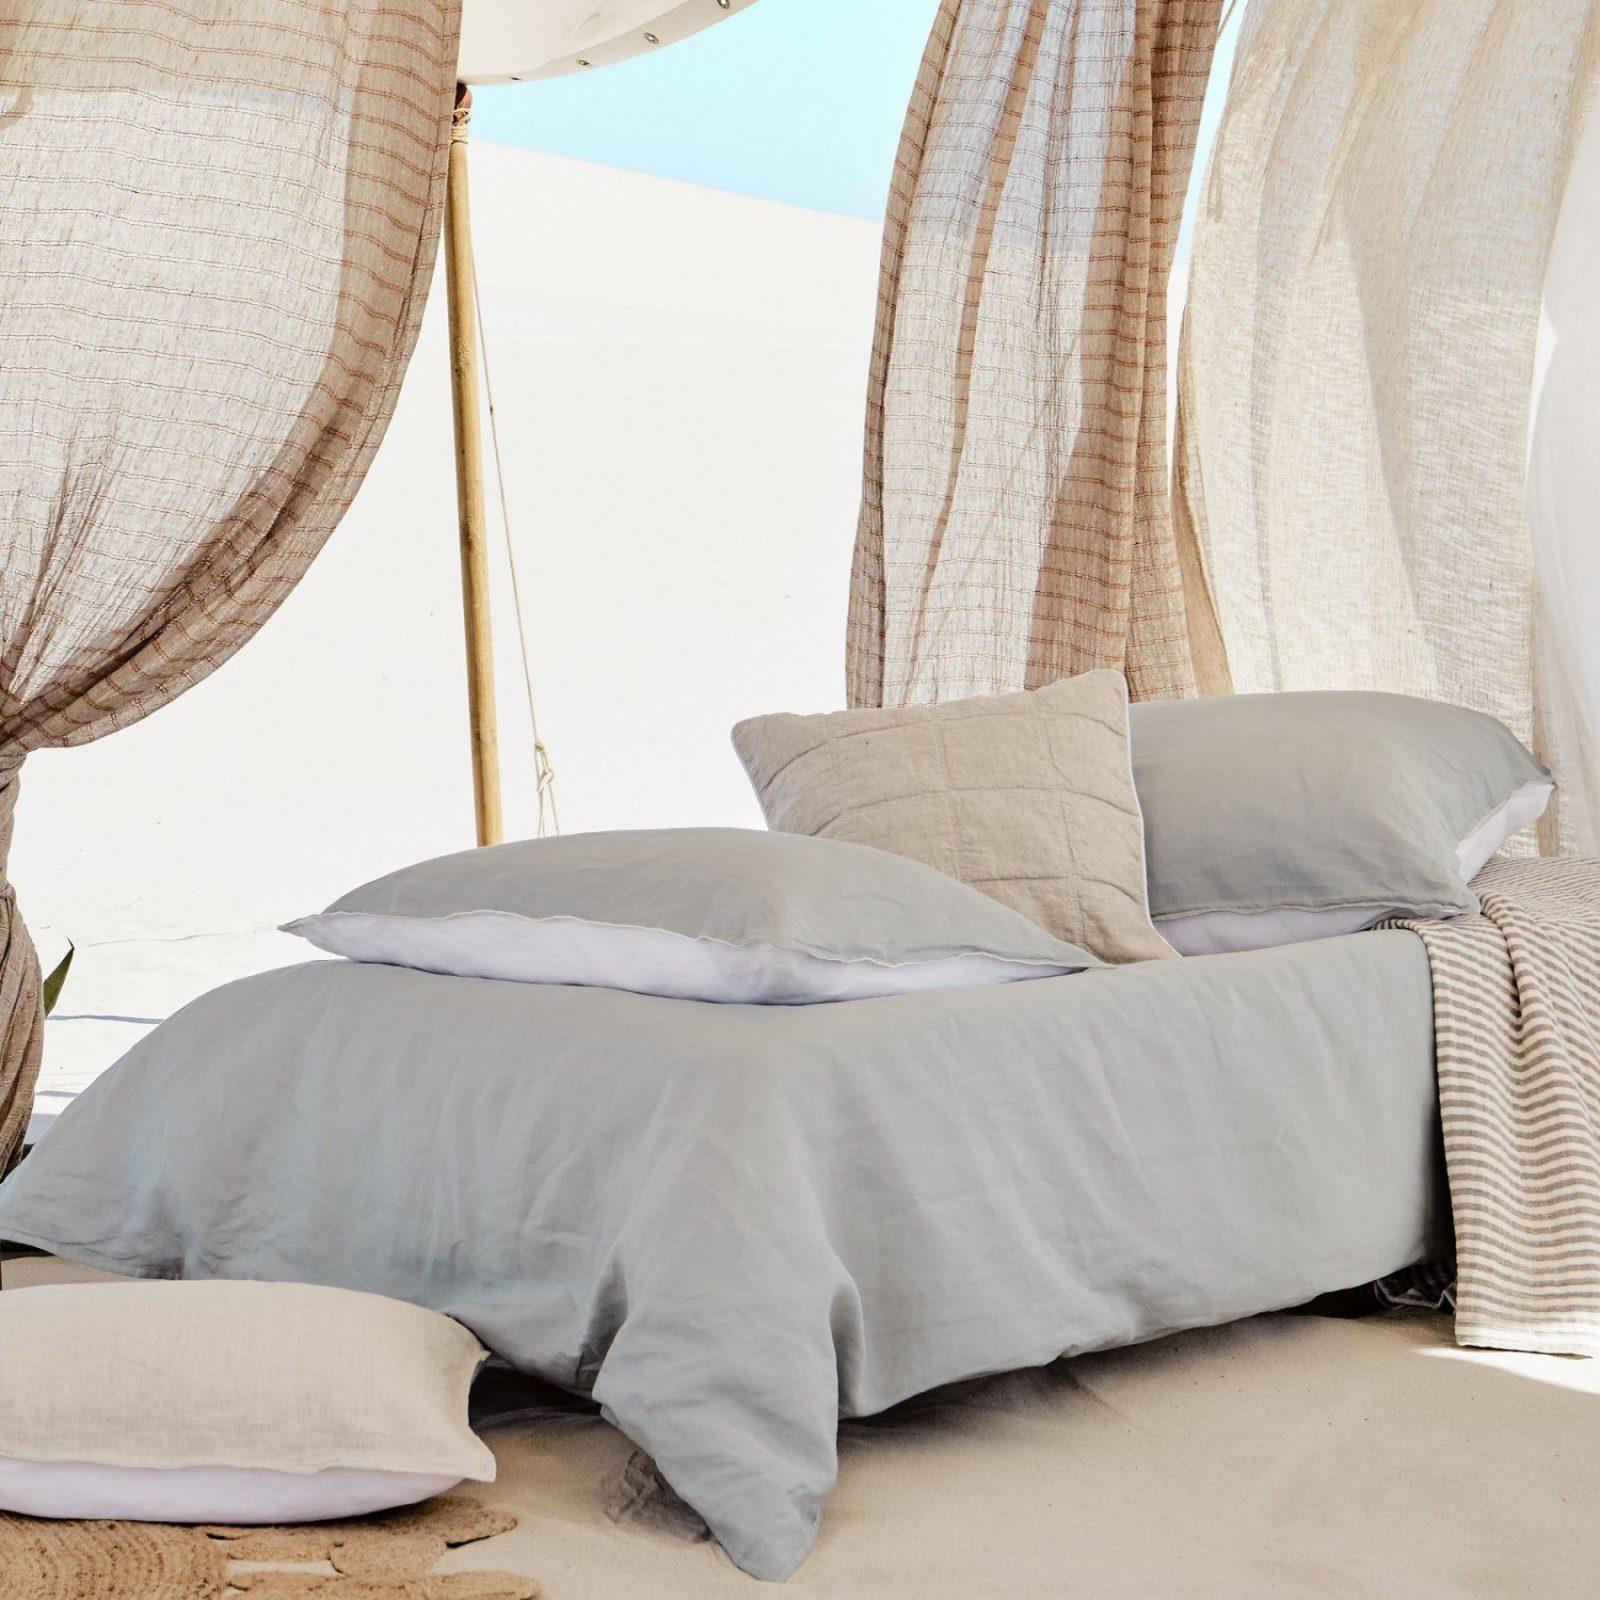 Leinen Bettwsche Hm Amazing Leinen Bettwasche Ikea Wunderbar Pip von Leinen Bettwäsche Erfahrungen Bild